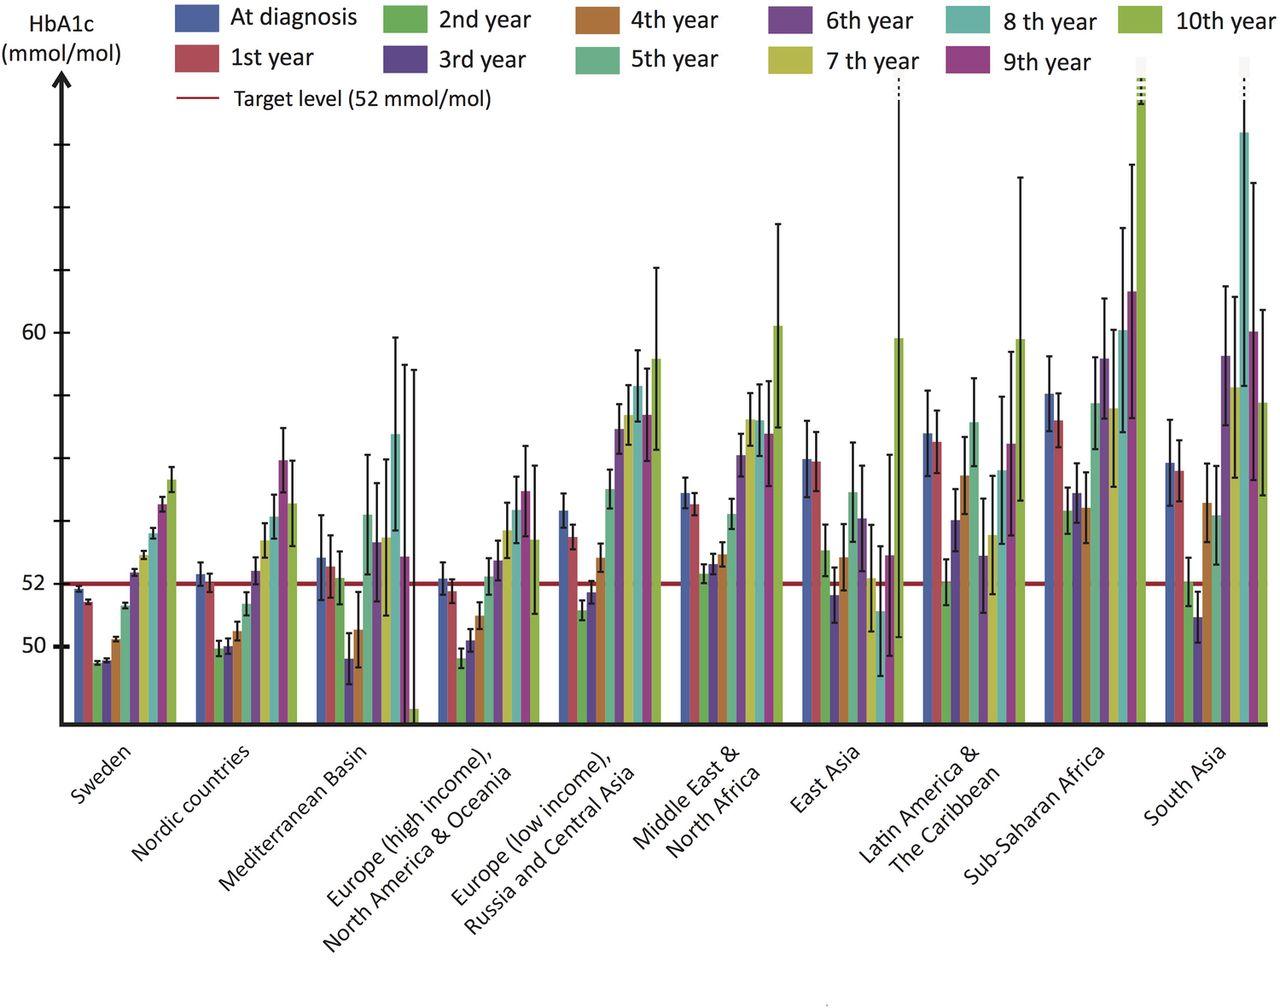 Denna graf visar hur HbA1c utvecklas under de första 10 åren med diabetes. Grafen är uppdelad efter födelseregion och inkluderar majoriteten av alla svenskar med typ 2 diabetes. Källa: Rawshani et al, BMJ Open. Licens: Open Access.